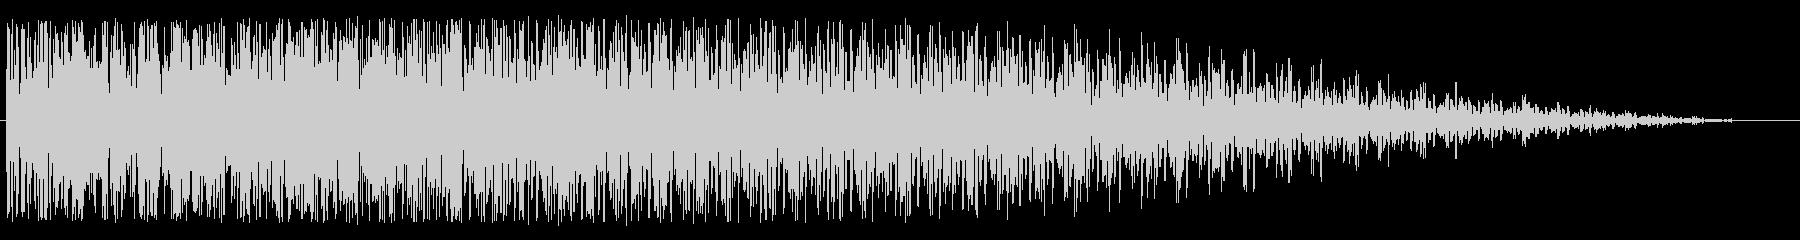 ワープエンジン(安定状態にある効果音)の未再生の波形